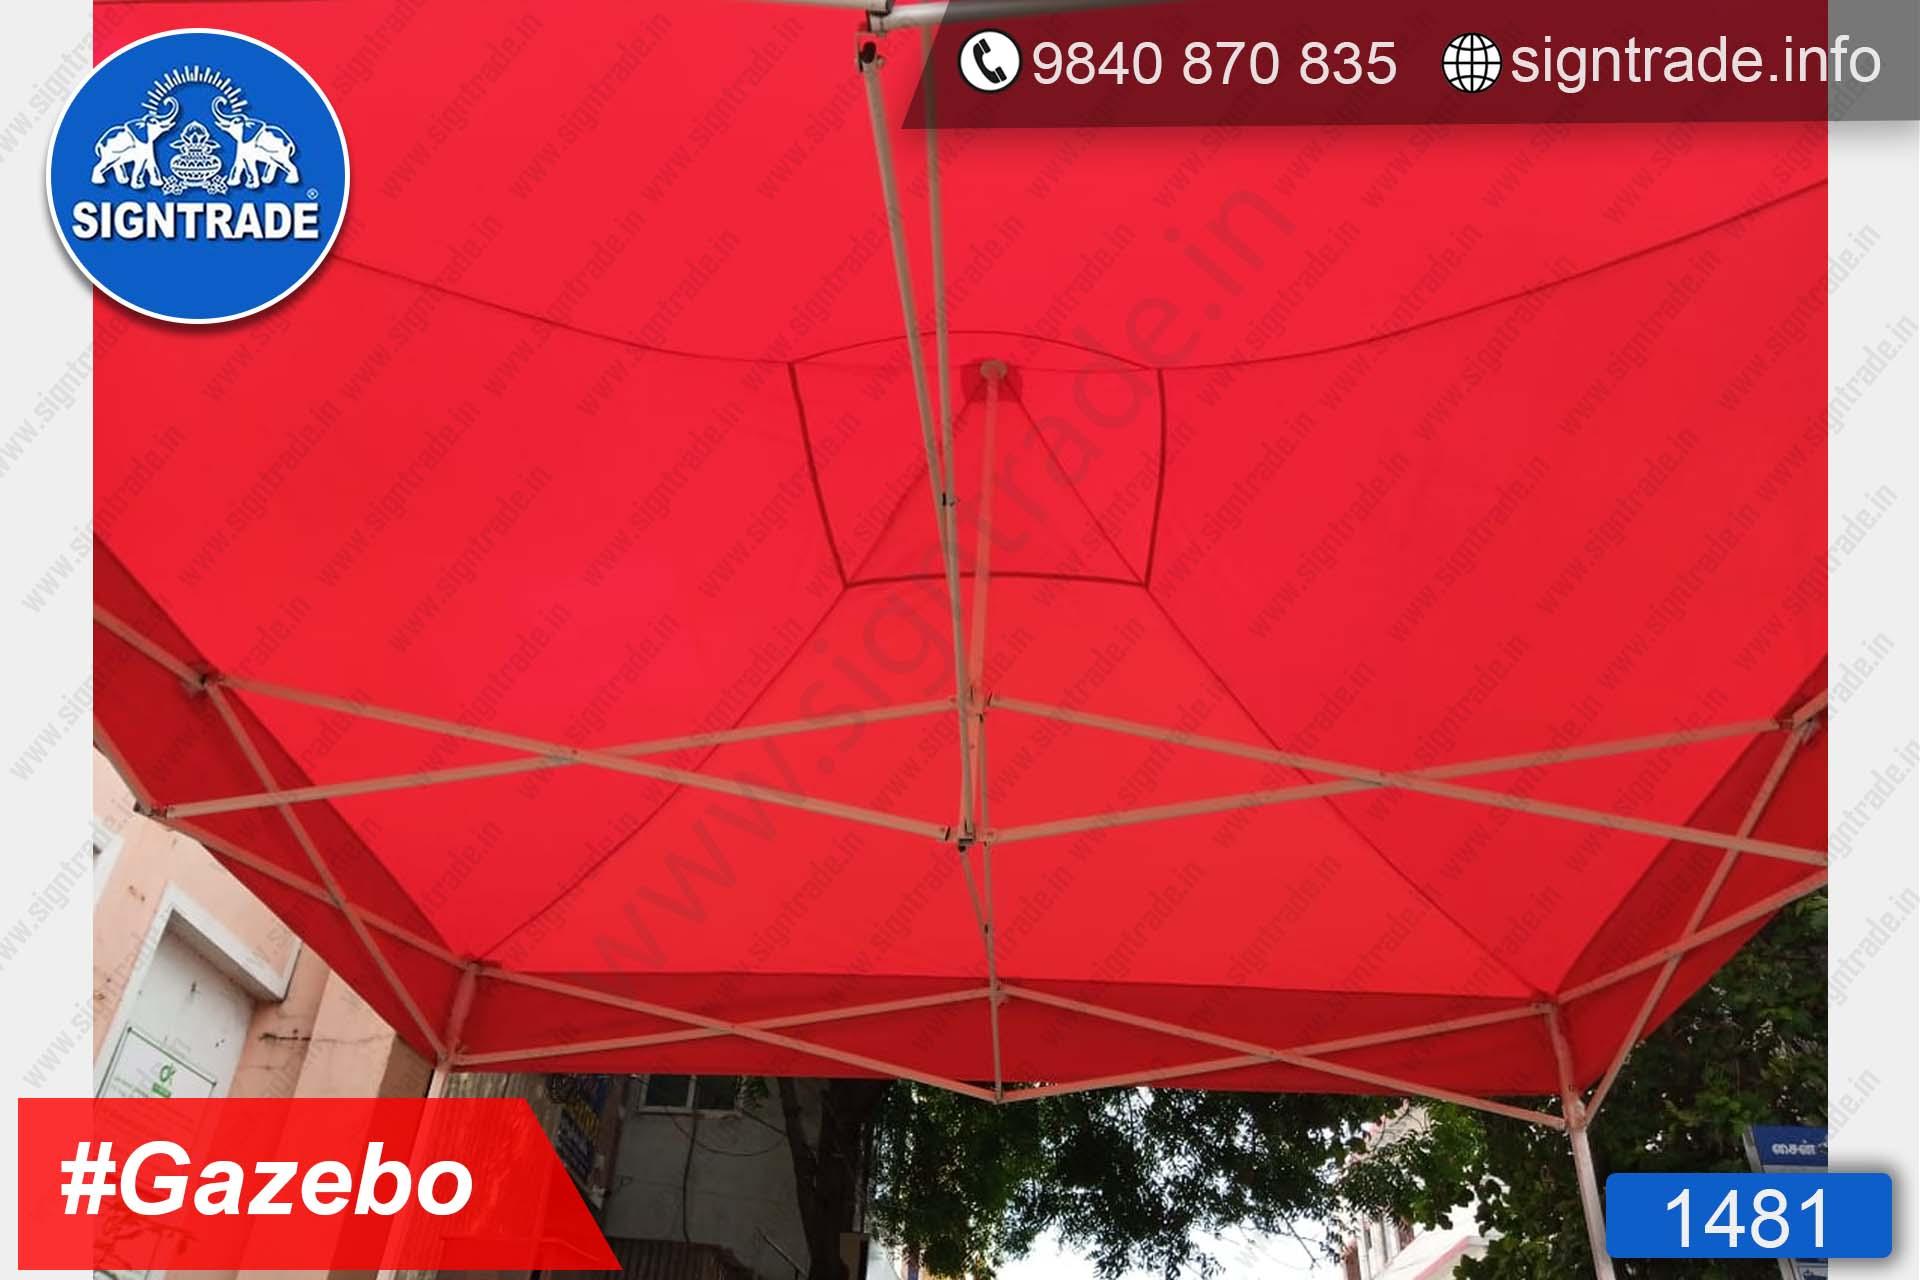 Harsha Toyota - Chennai - Promotional Gazebo - SIGNTRADE - Customised Promotional Gazebo Tent Manufacturer in Chennai